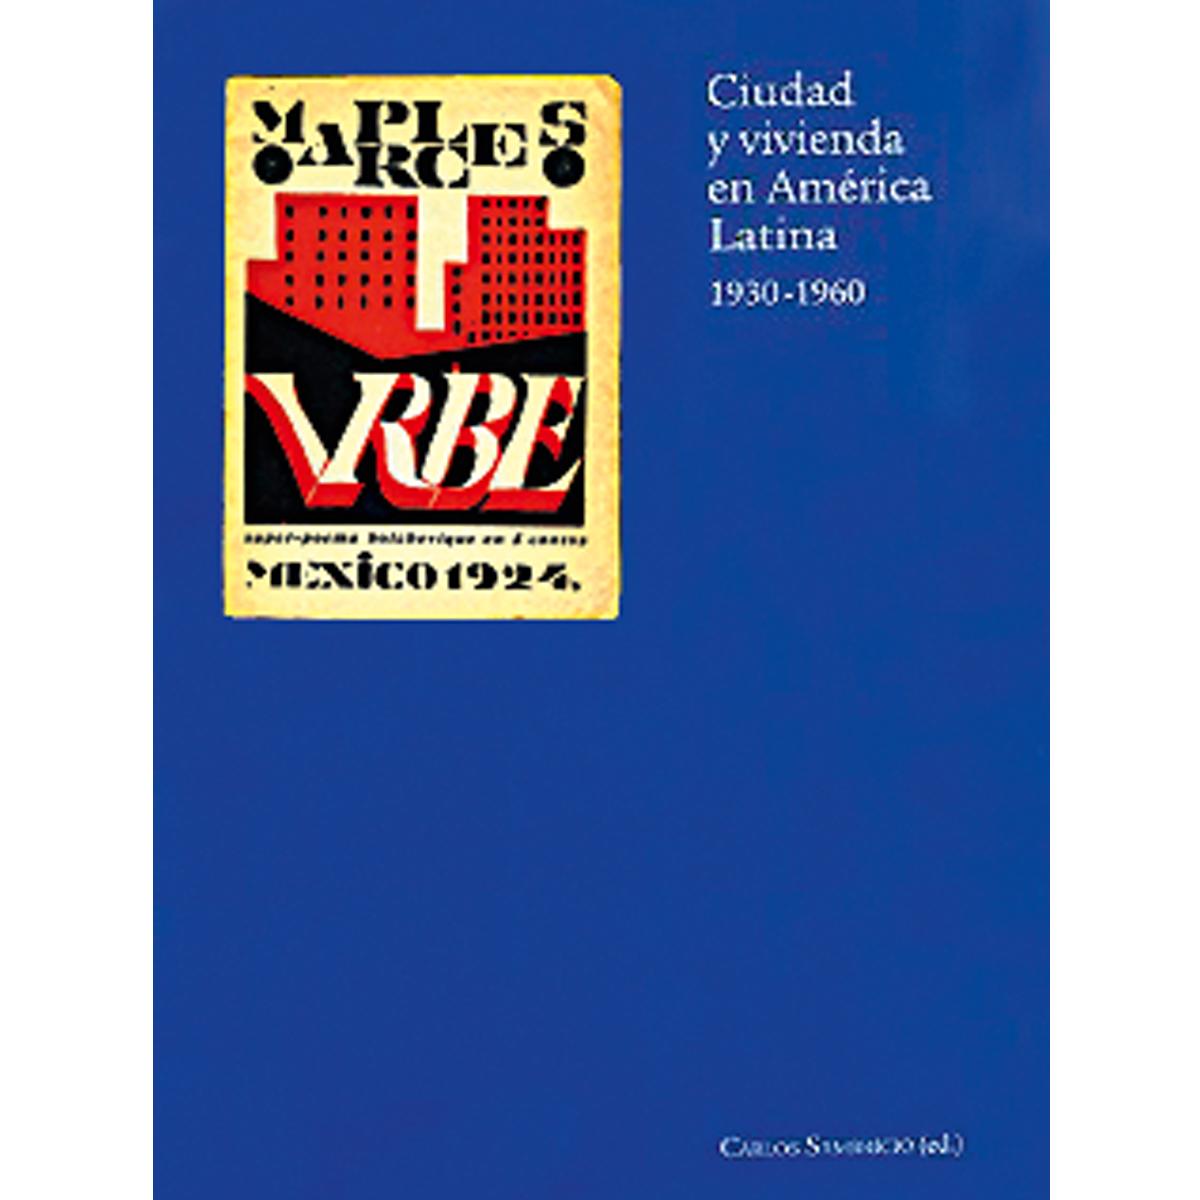 Ciudad y vivienda en América  Latina, 1930-1960